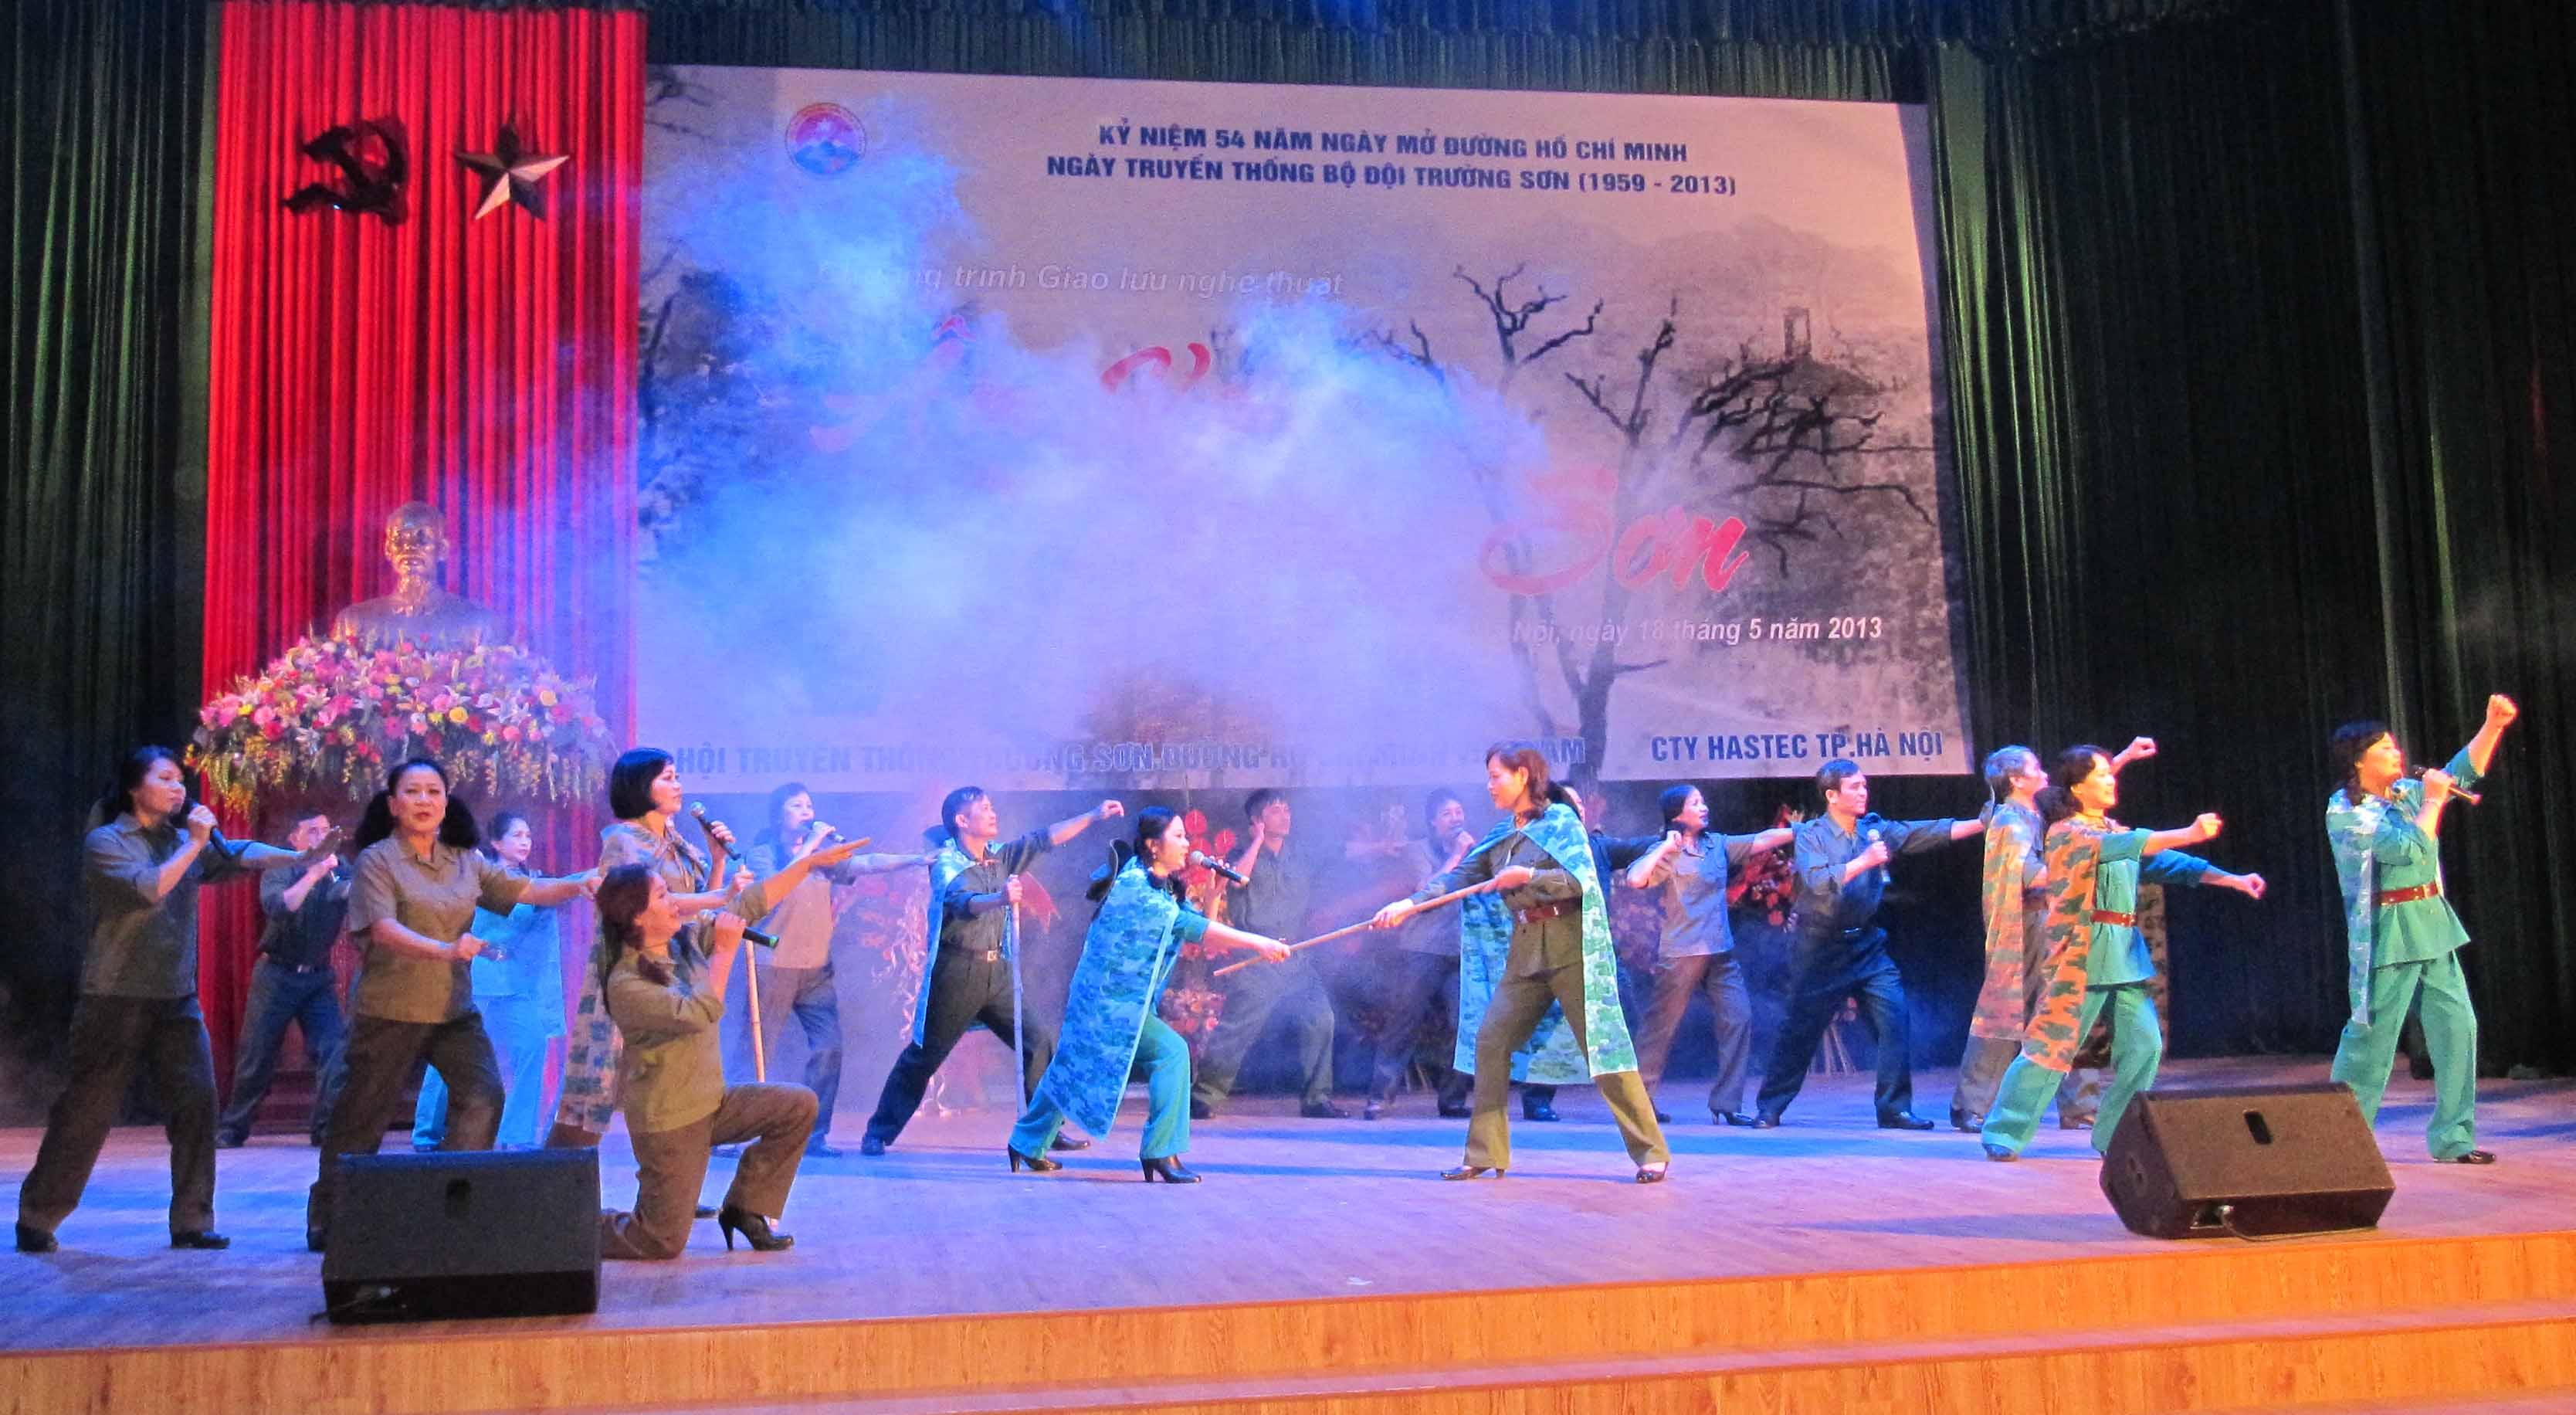 Kỷ niệm 54 năm ngày mở đường Hồ Chí Minh với chương trình Âm vang Trường Sơn. Ảnh Phạm Thành Long